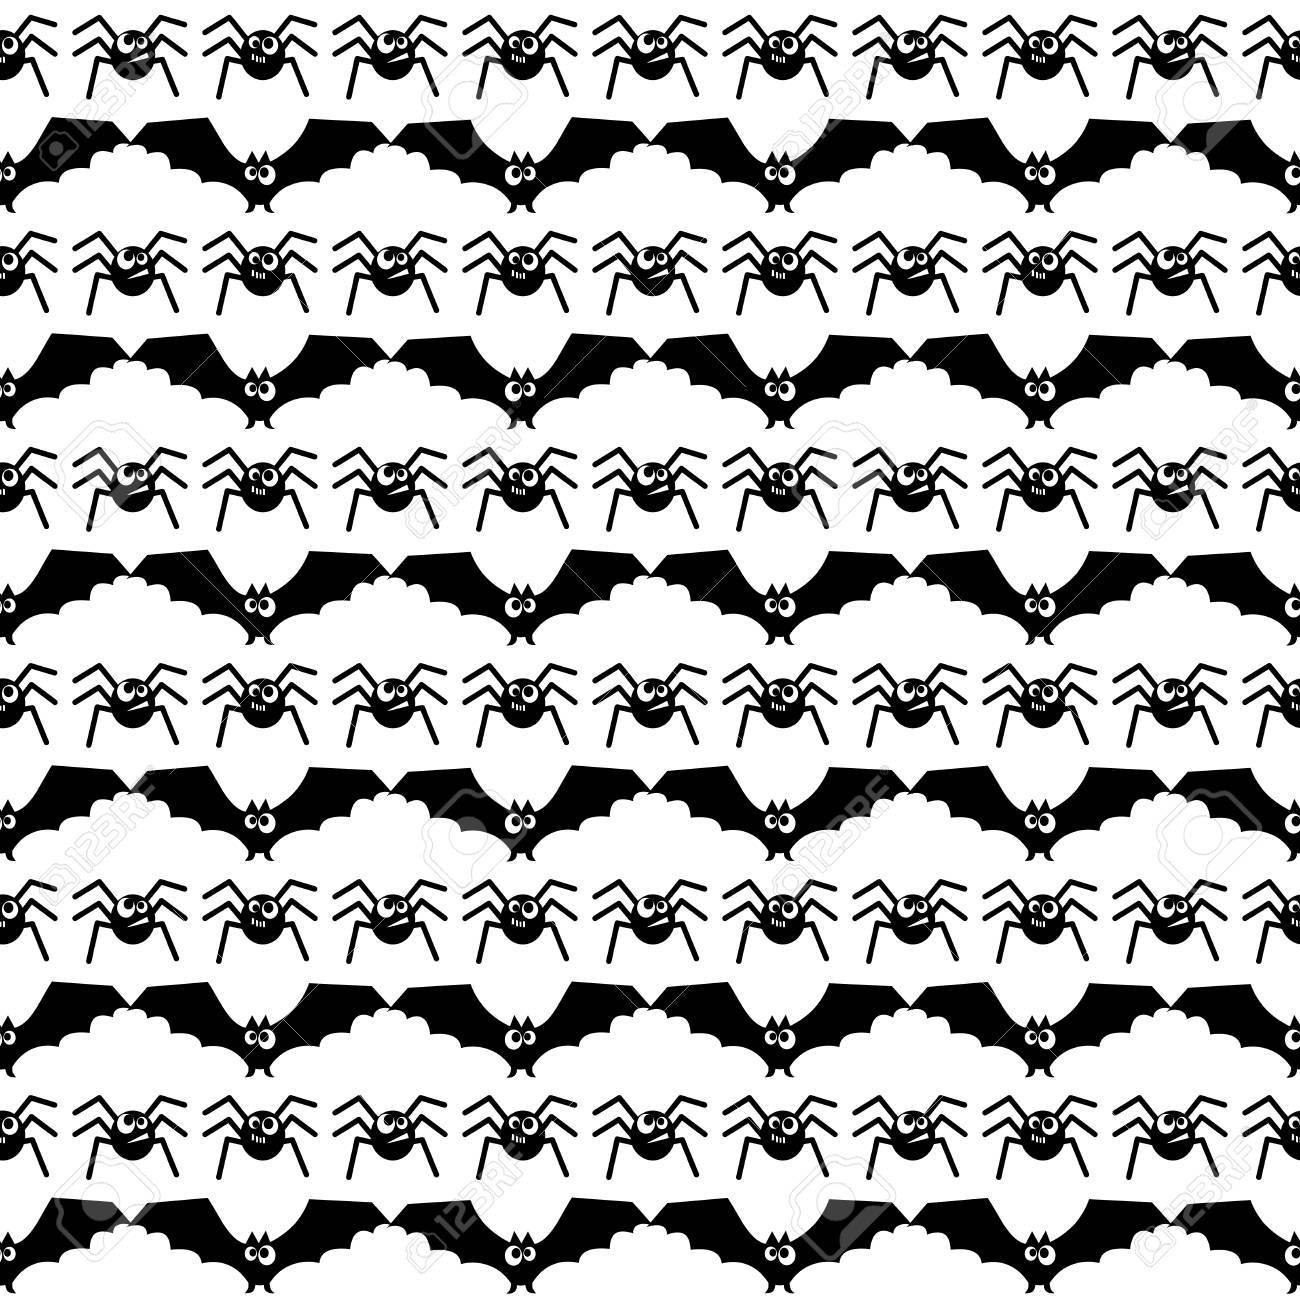 Patrón De Halloween Con Murciélagos Y Arañas. Fondo Transparente De ...